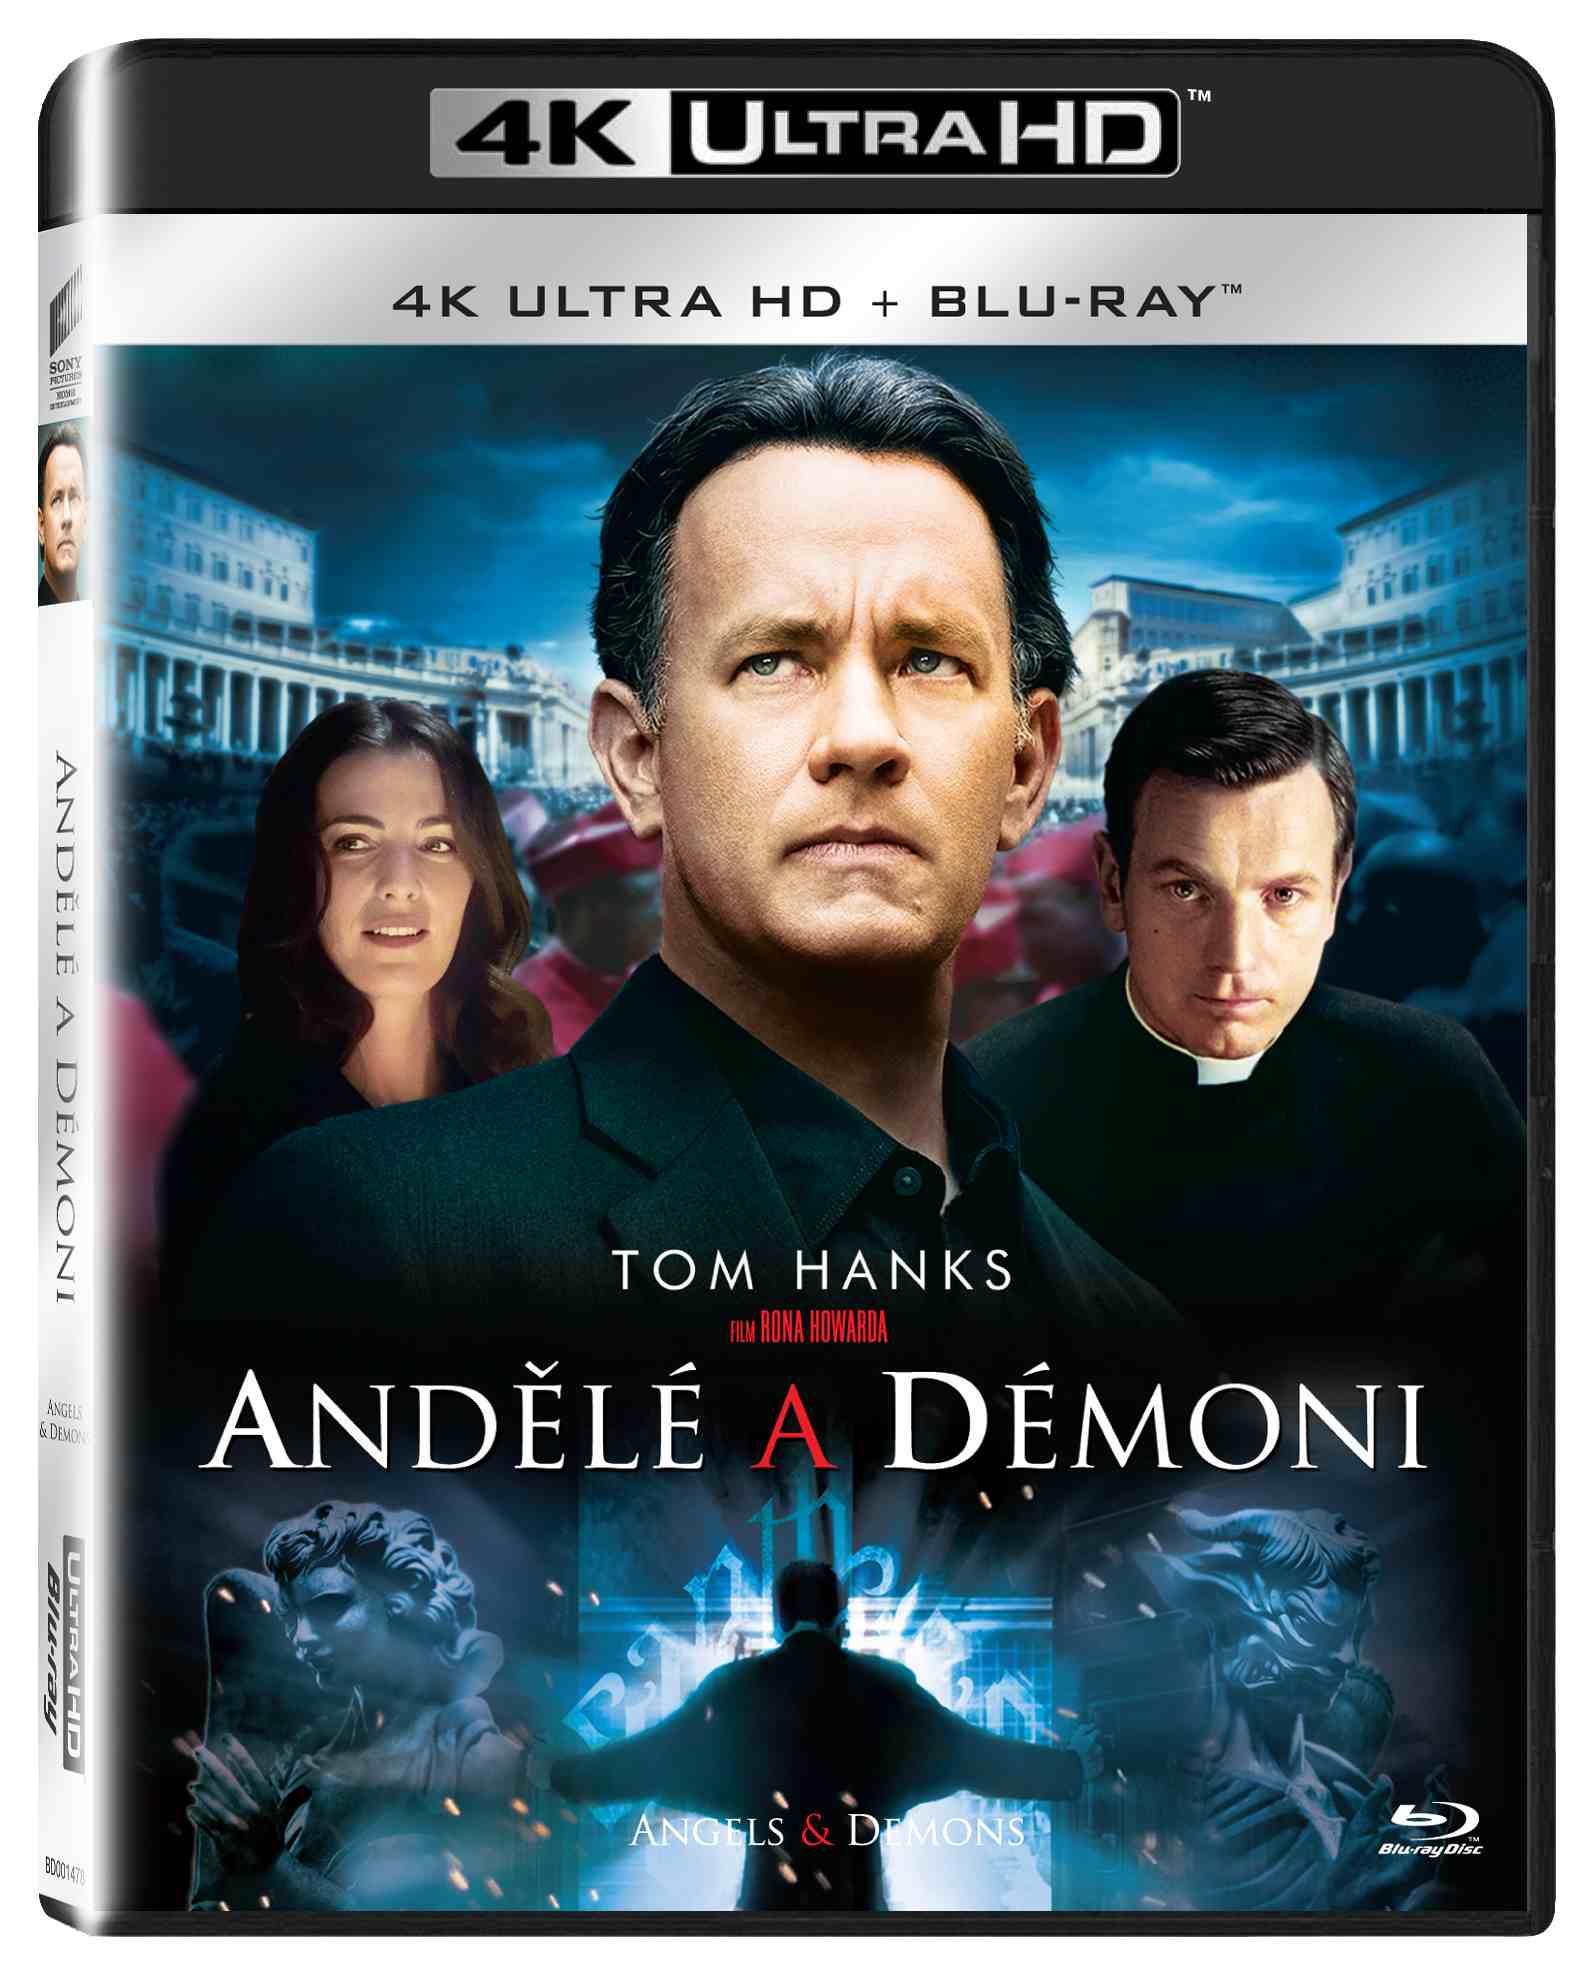 ANDĚLÉ A DÉMONI (4K ULTRA HD) - UHD Blu-ray + Blu-ray (2 BD)